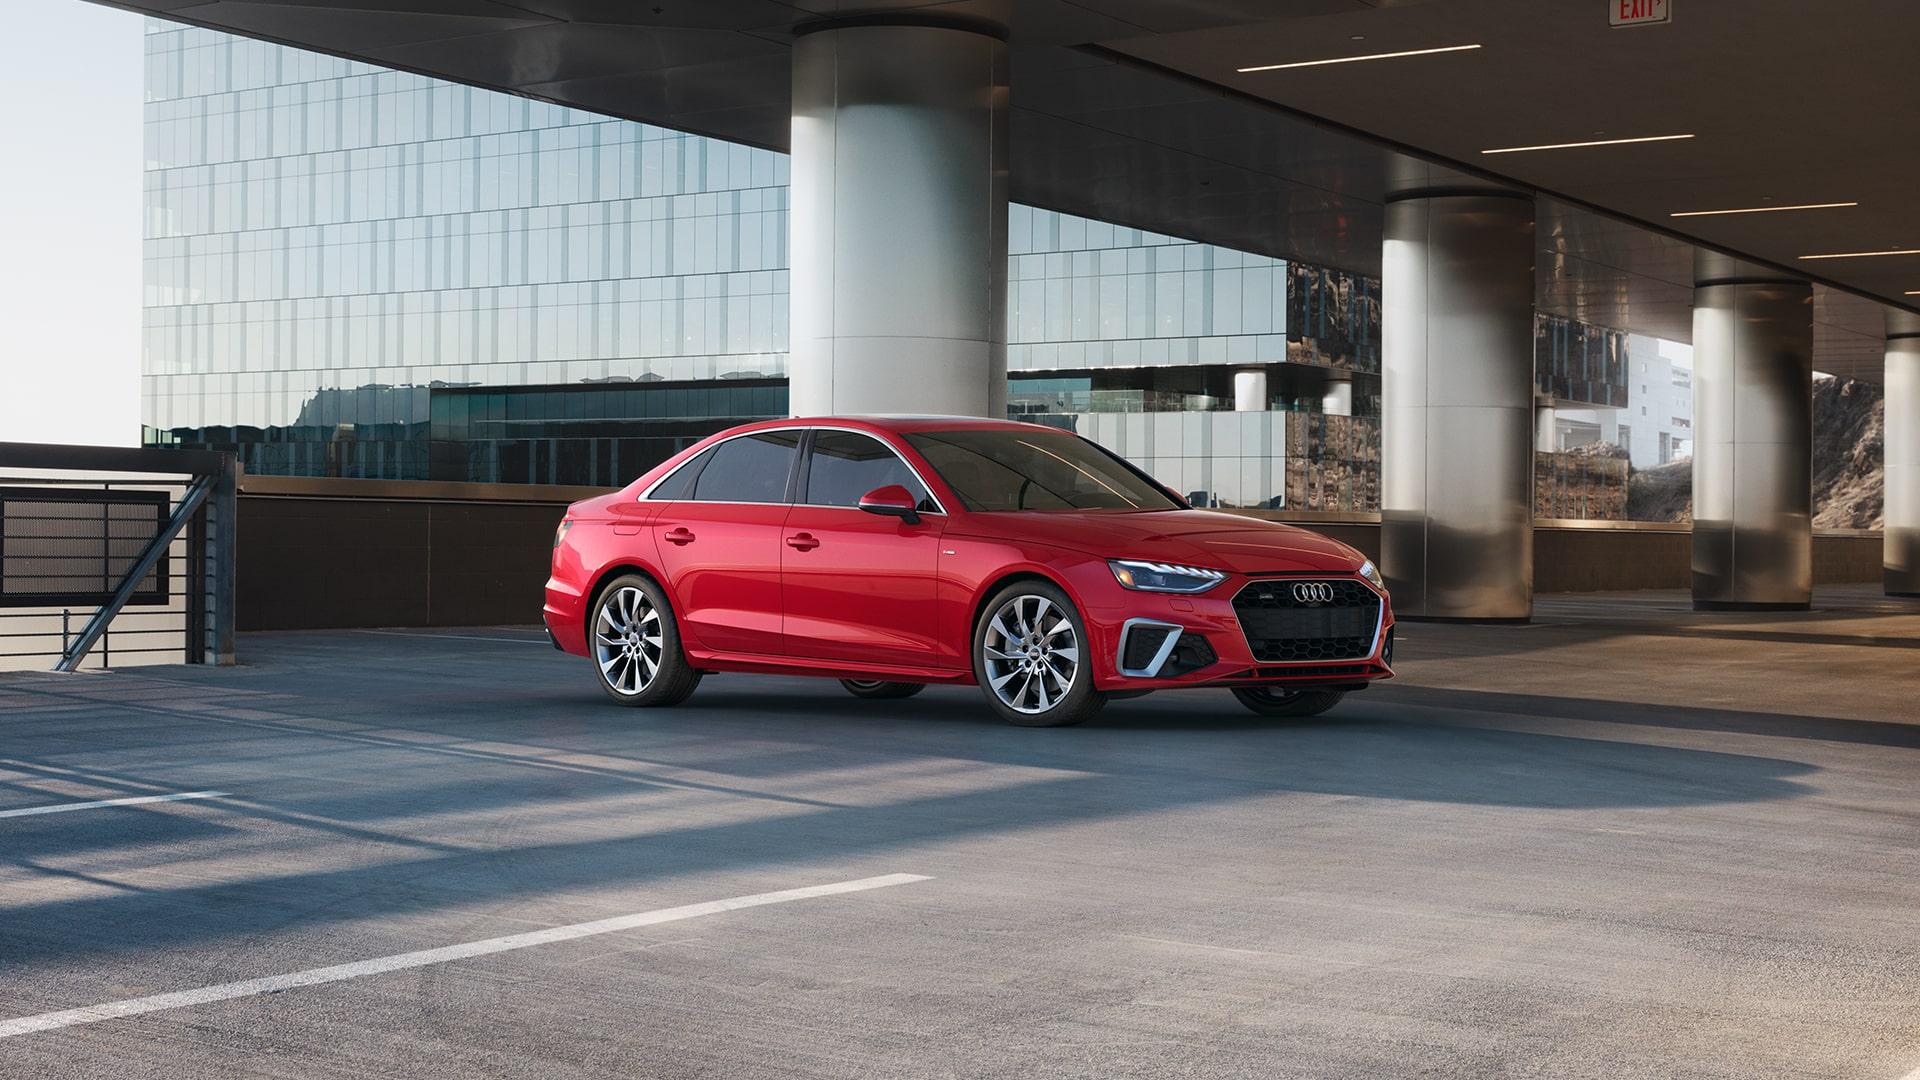 2021 Audi A4 | Luxury Sedan | Audi USA